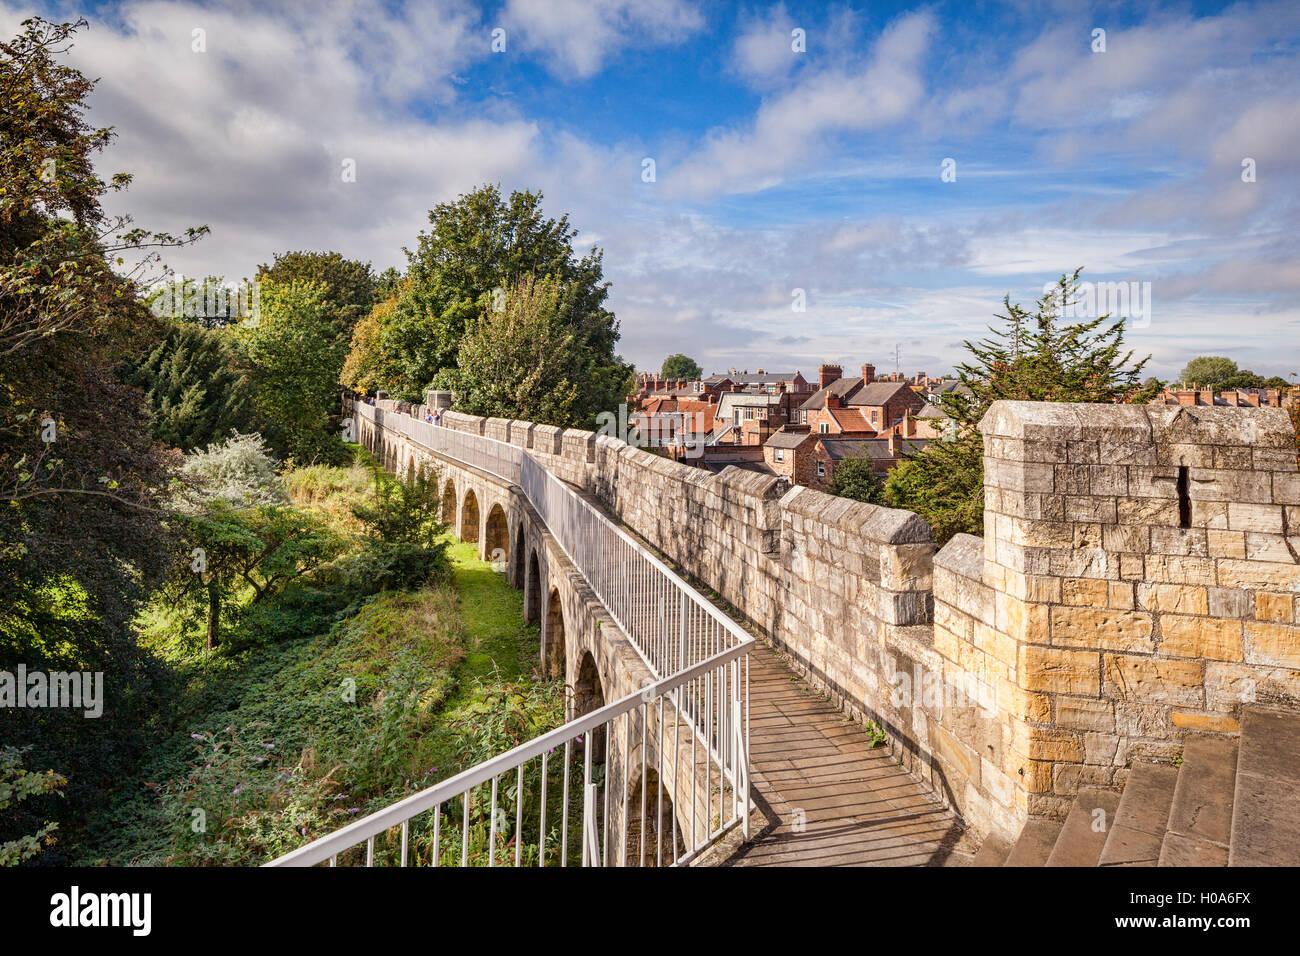 Las paredes de la ciudad de York, North Yorkshire, Inglaterra, Reino Unido. Imagen De Stock